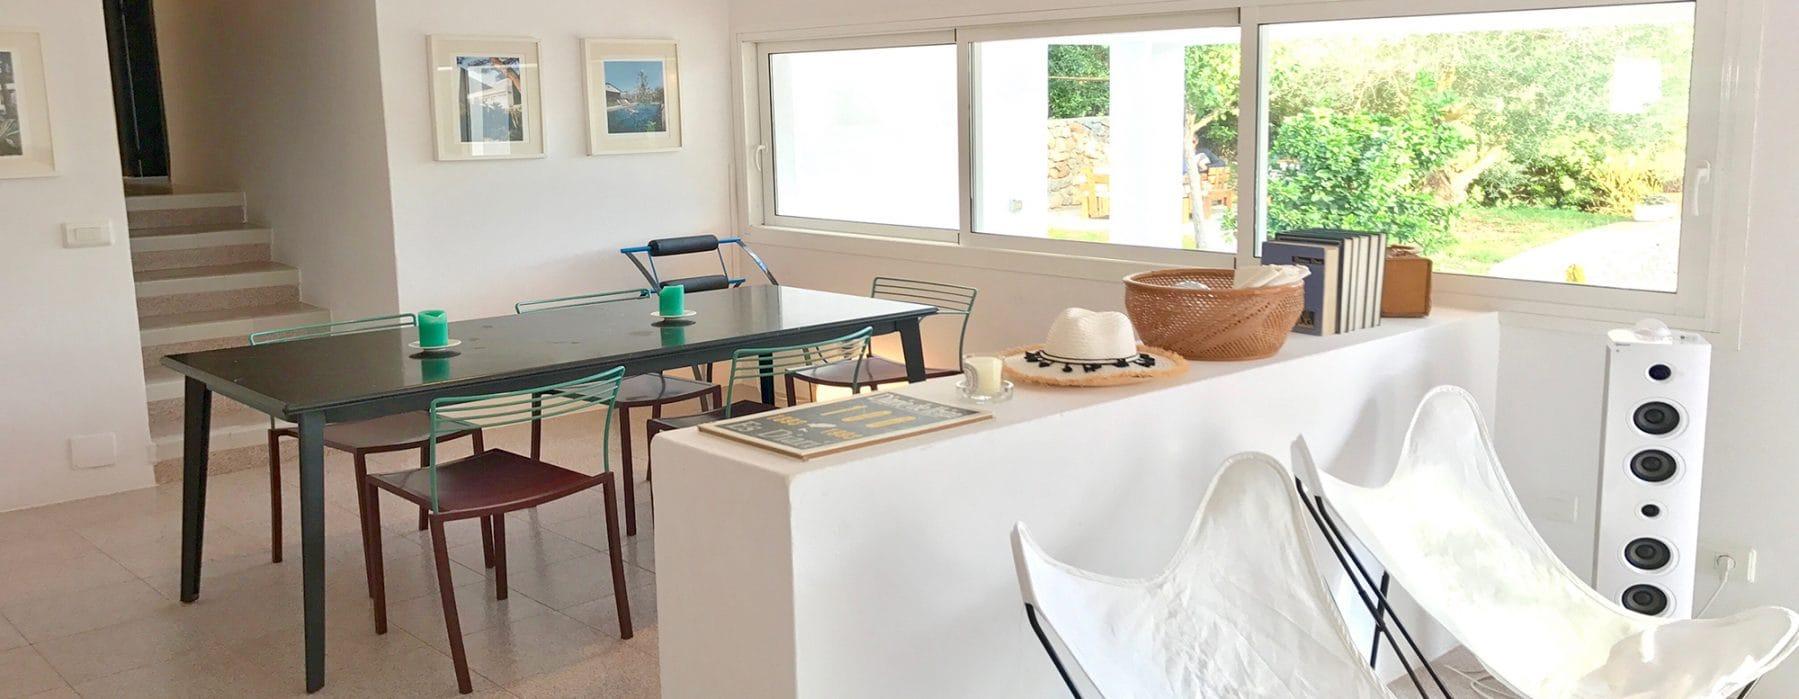 Erfreut Cal Spas Küche Im Freien Grillen Insel Zeitgenössisch ...